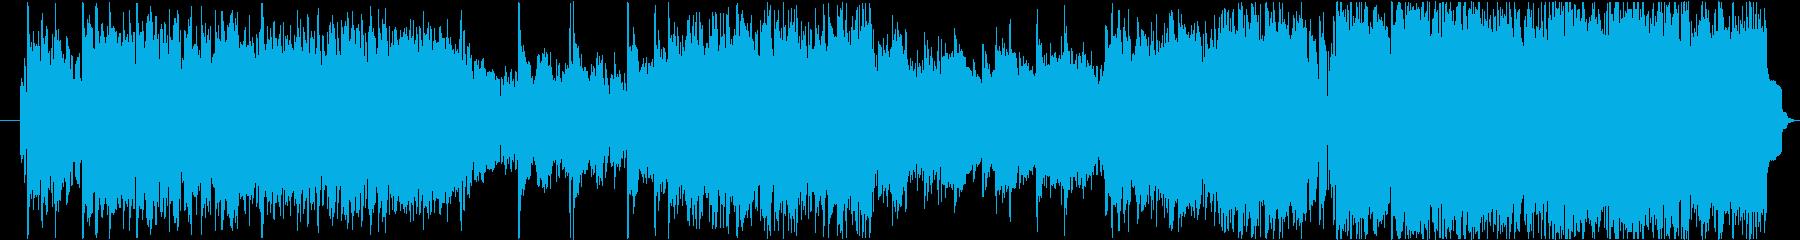 情熱的でハイテンポな民族音楽の再生済みの波形